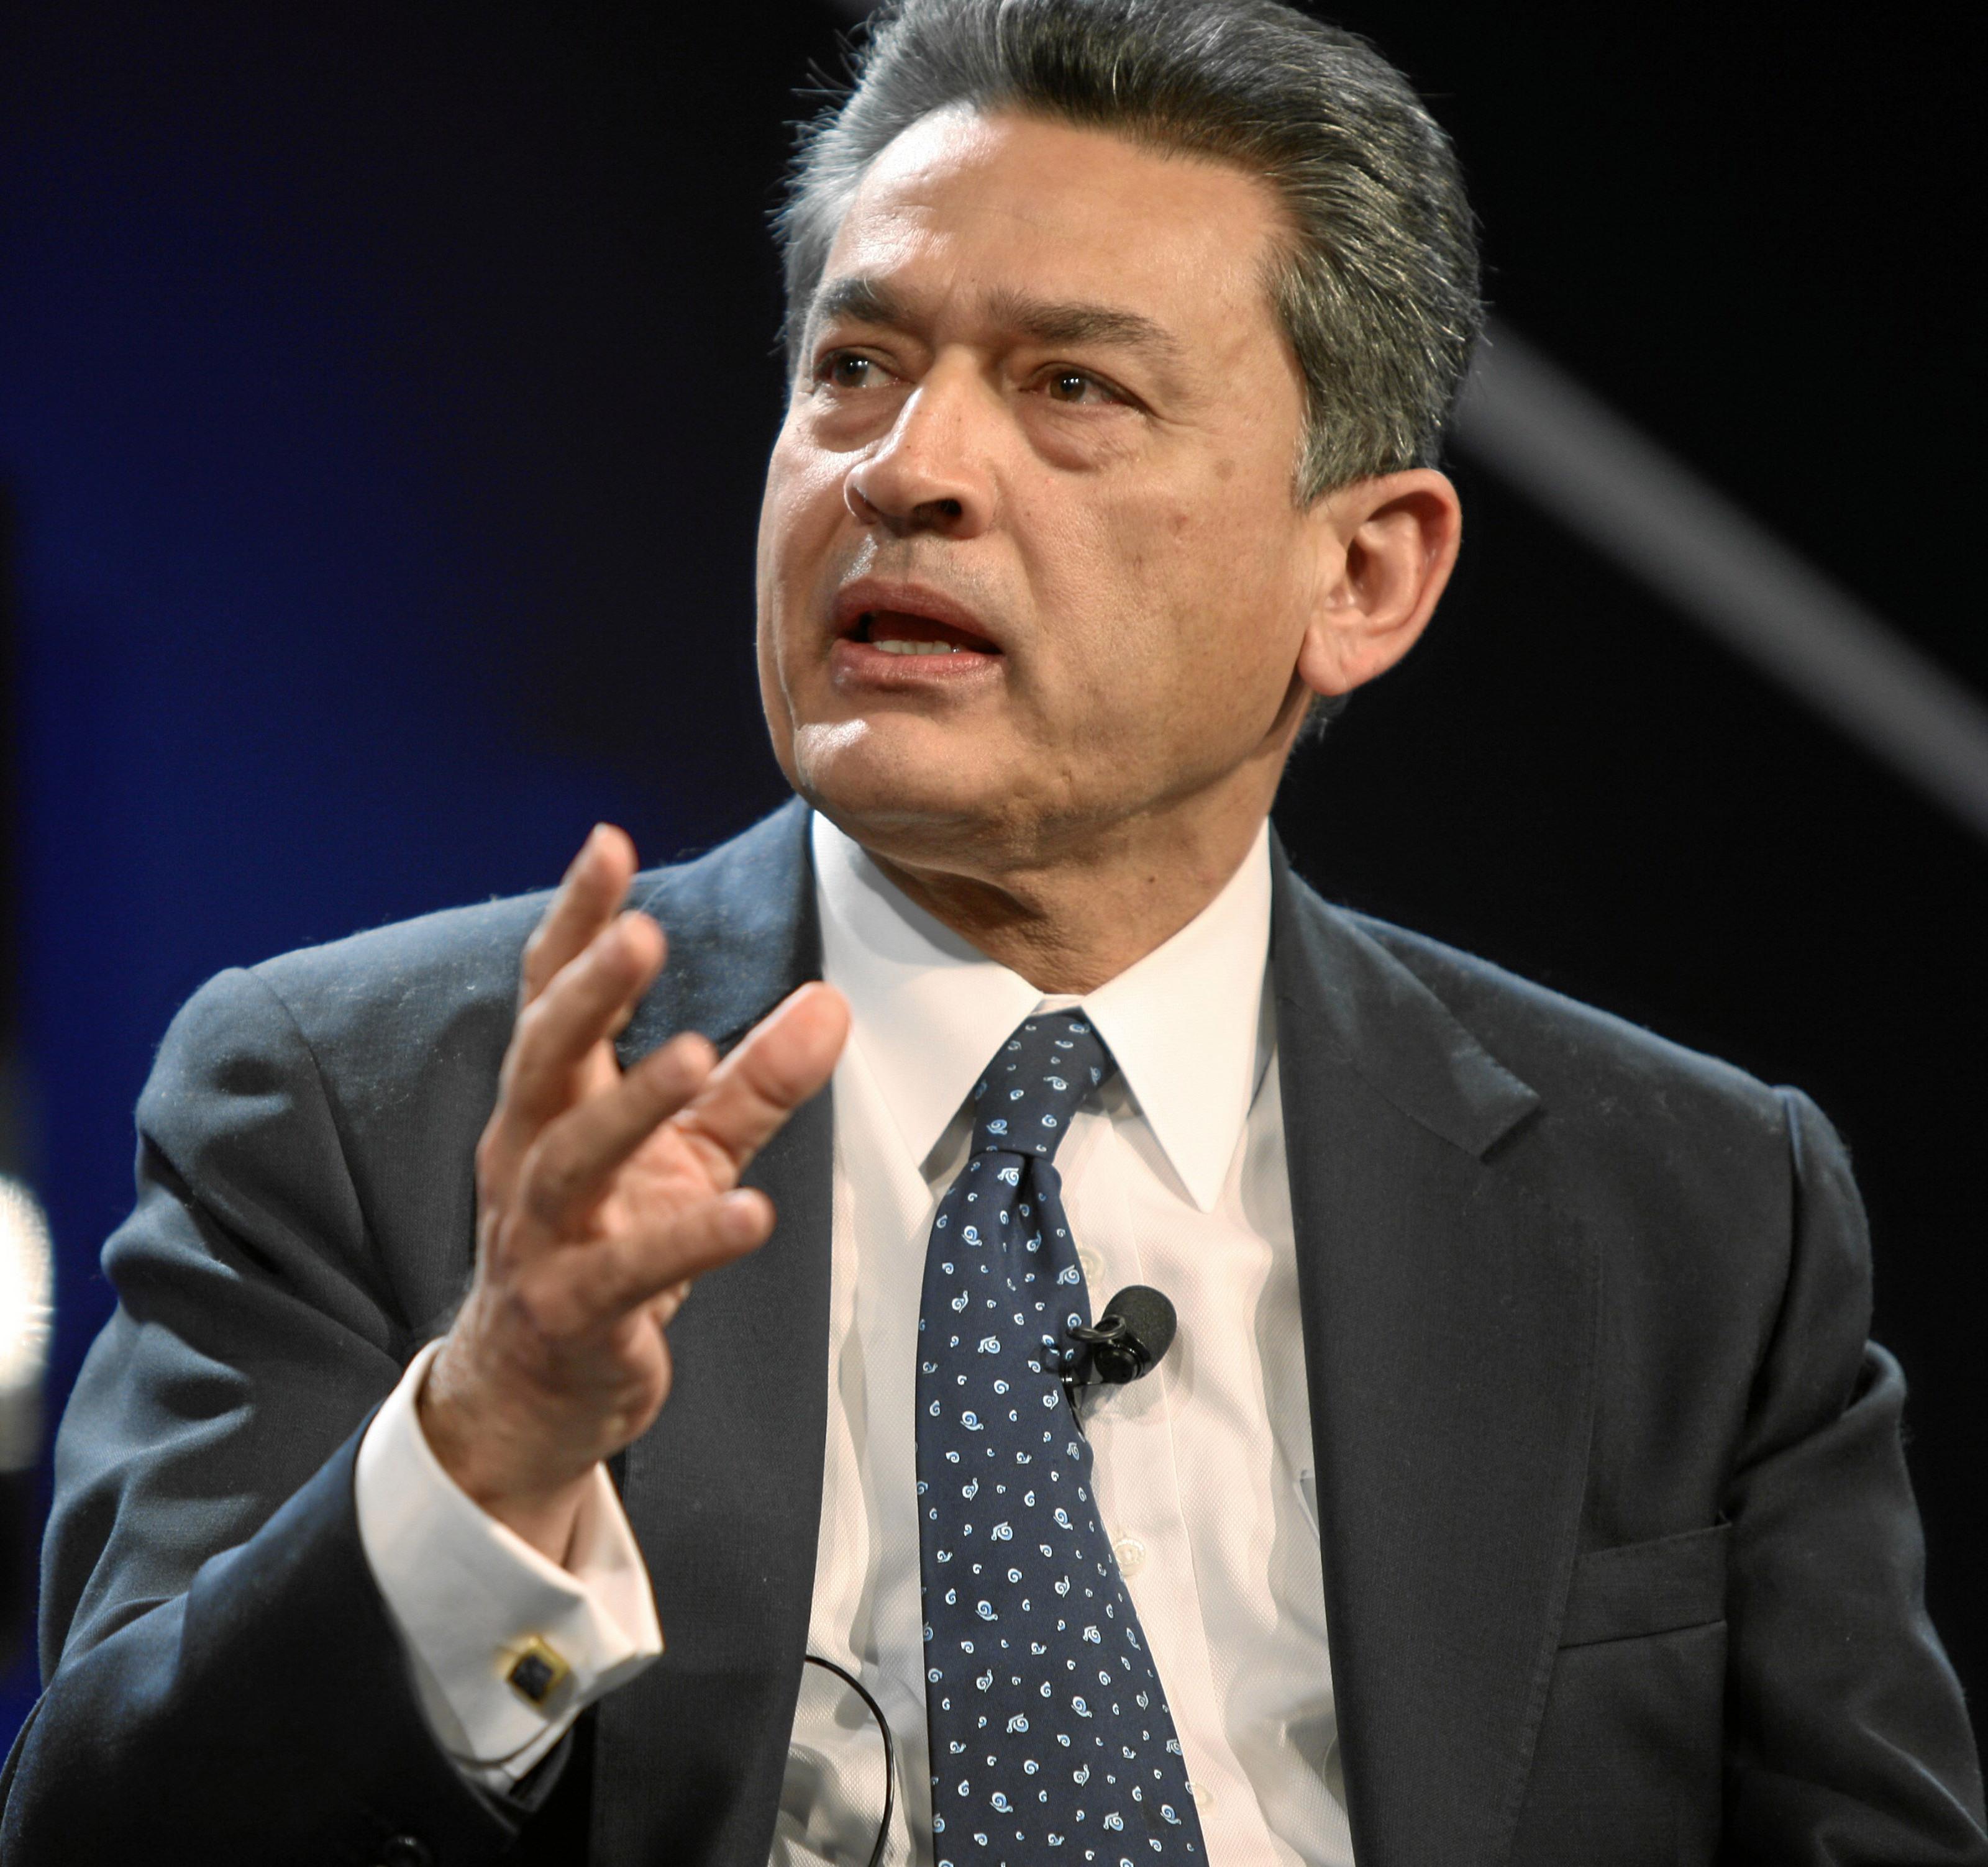 Goldman Sachs Annual Biotech Bus Tour